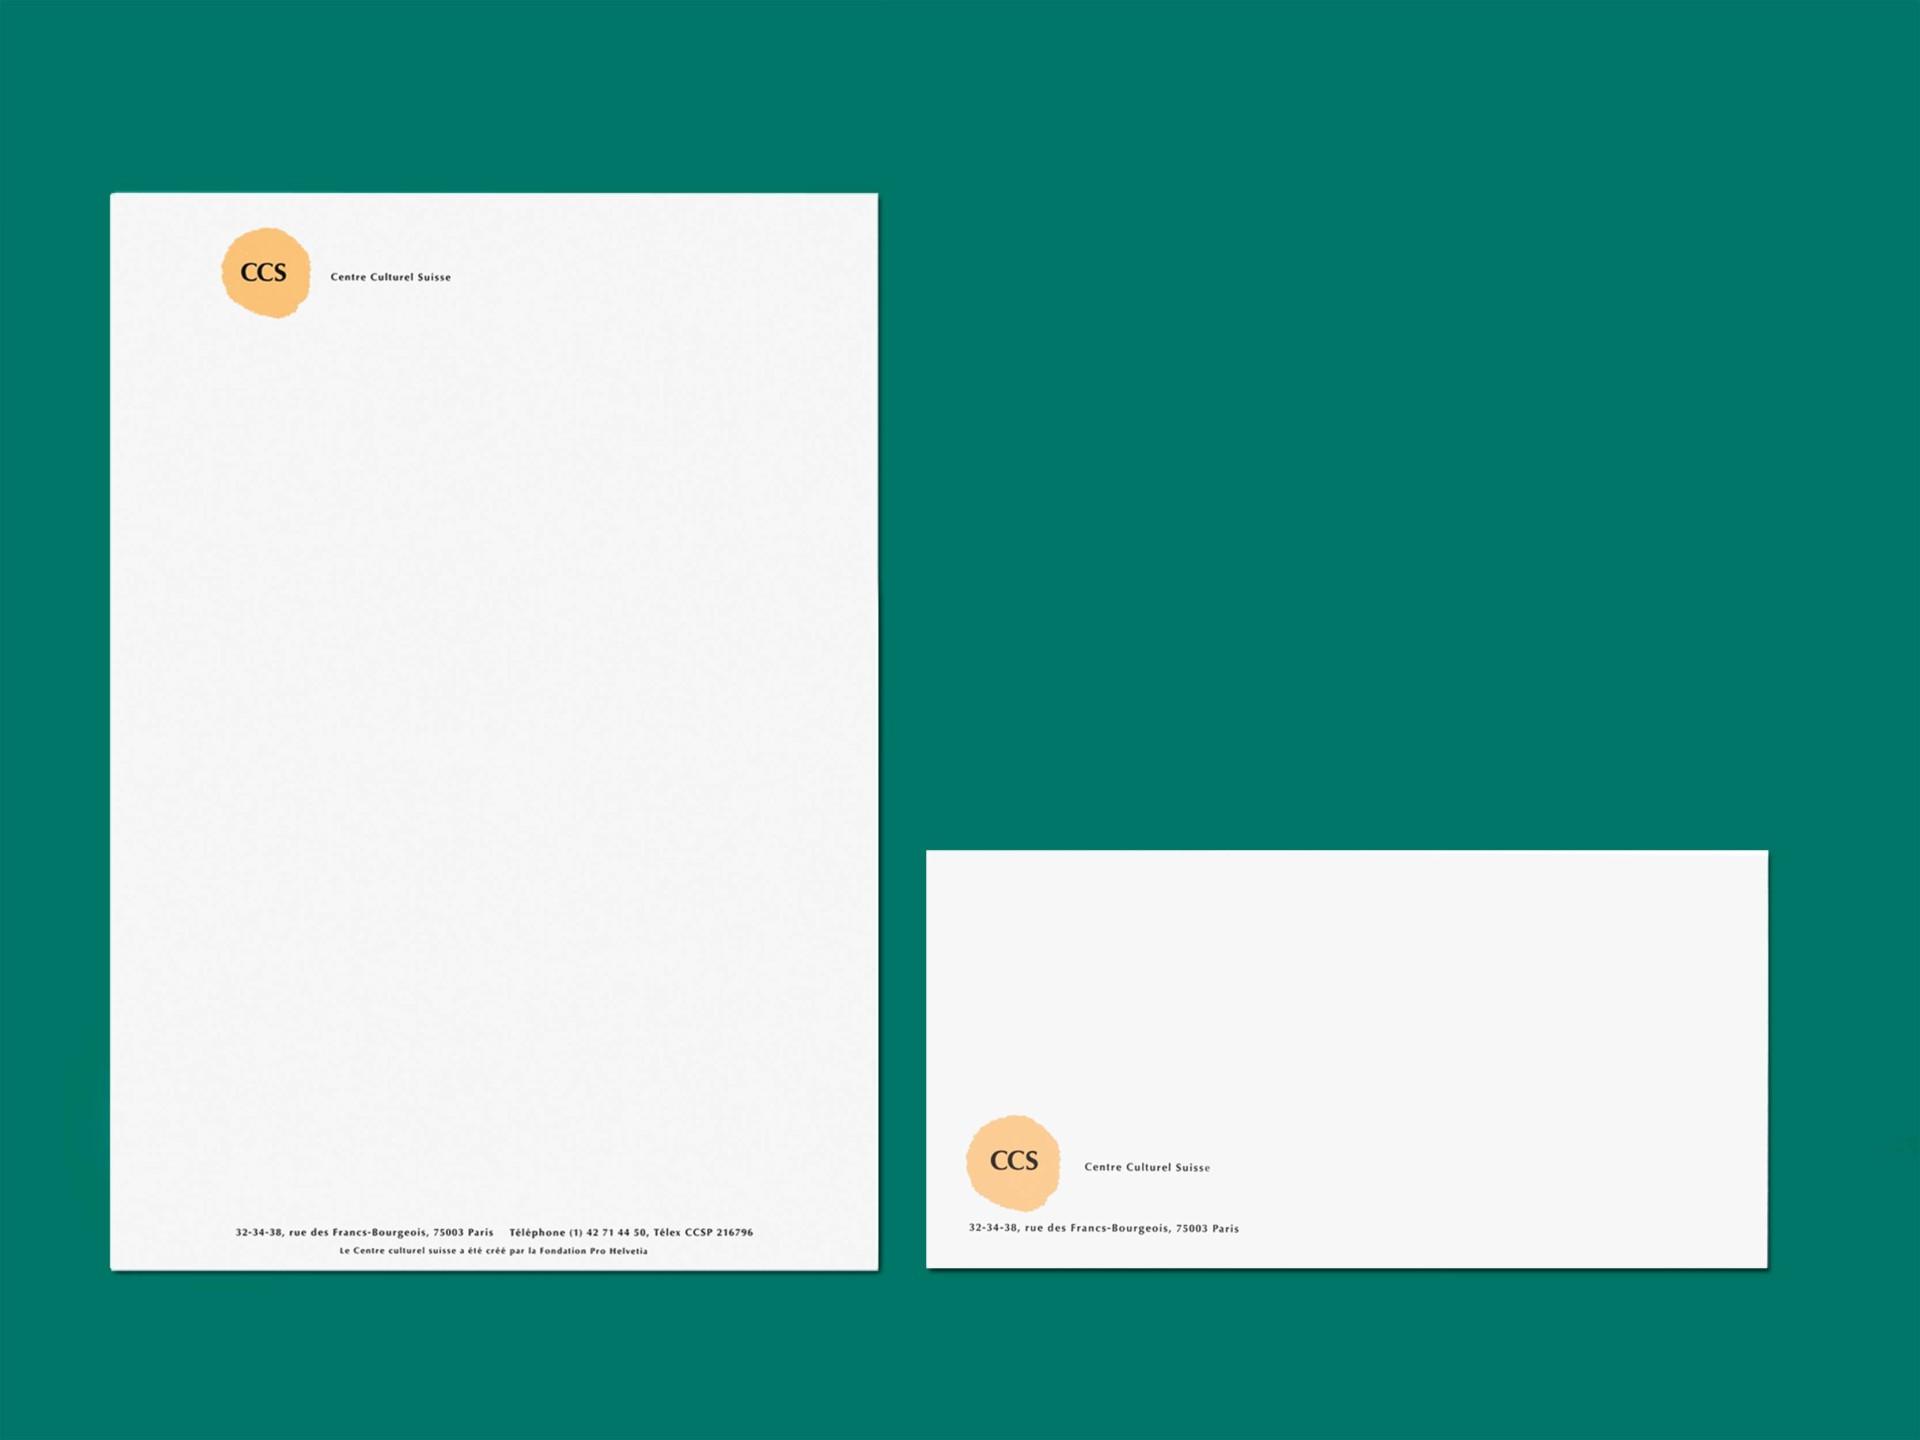 BKVK Centre Culturel Suisse — Corporate Design